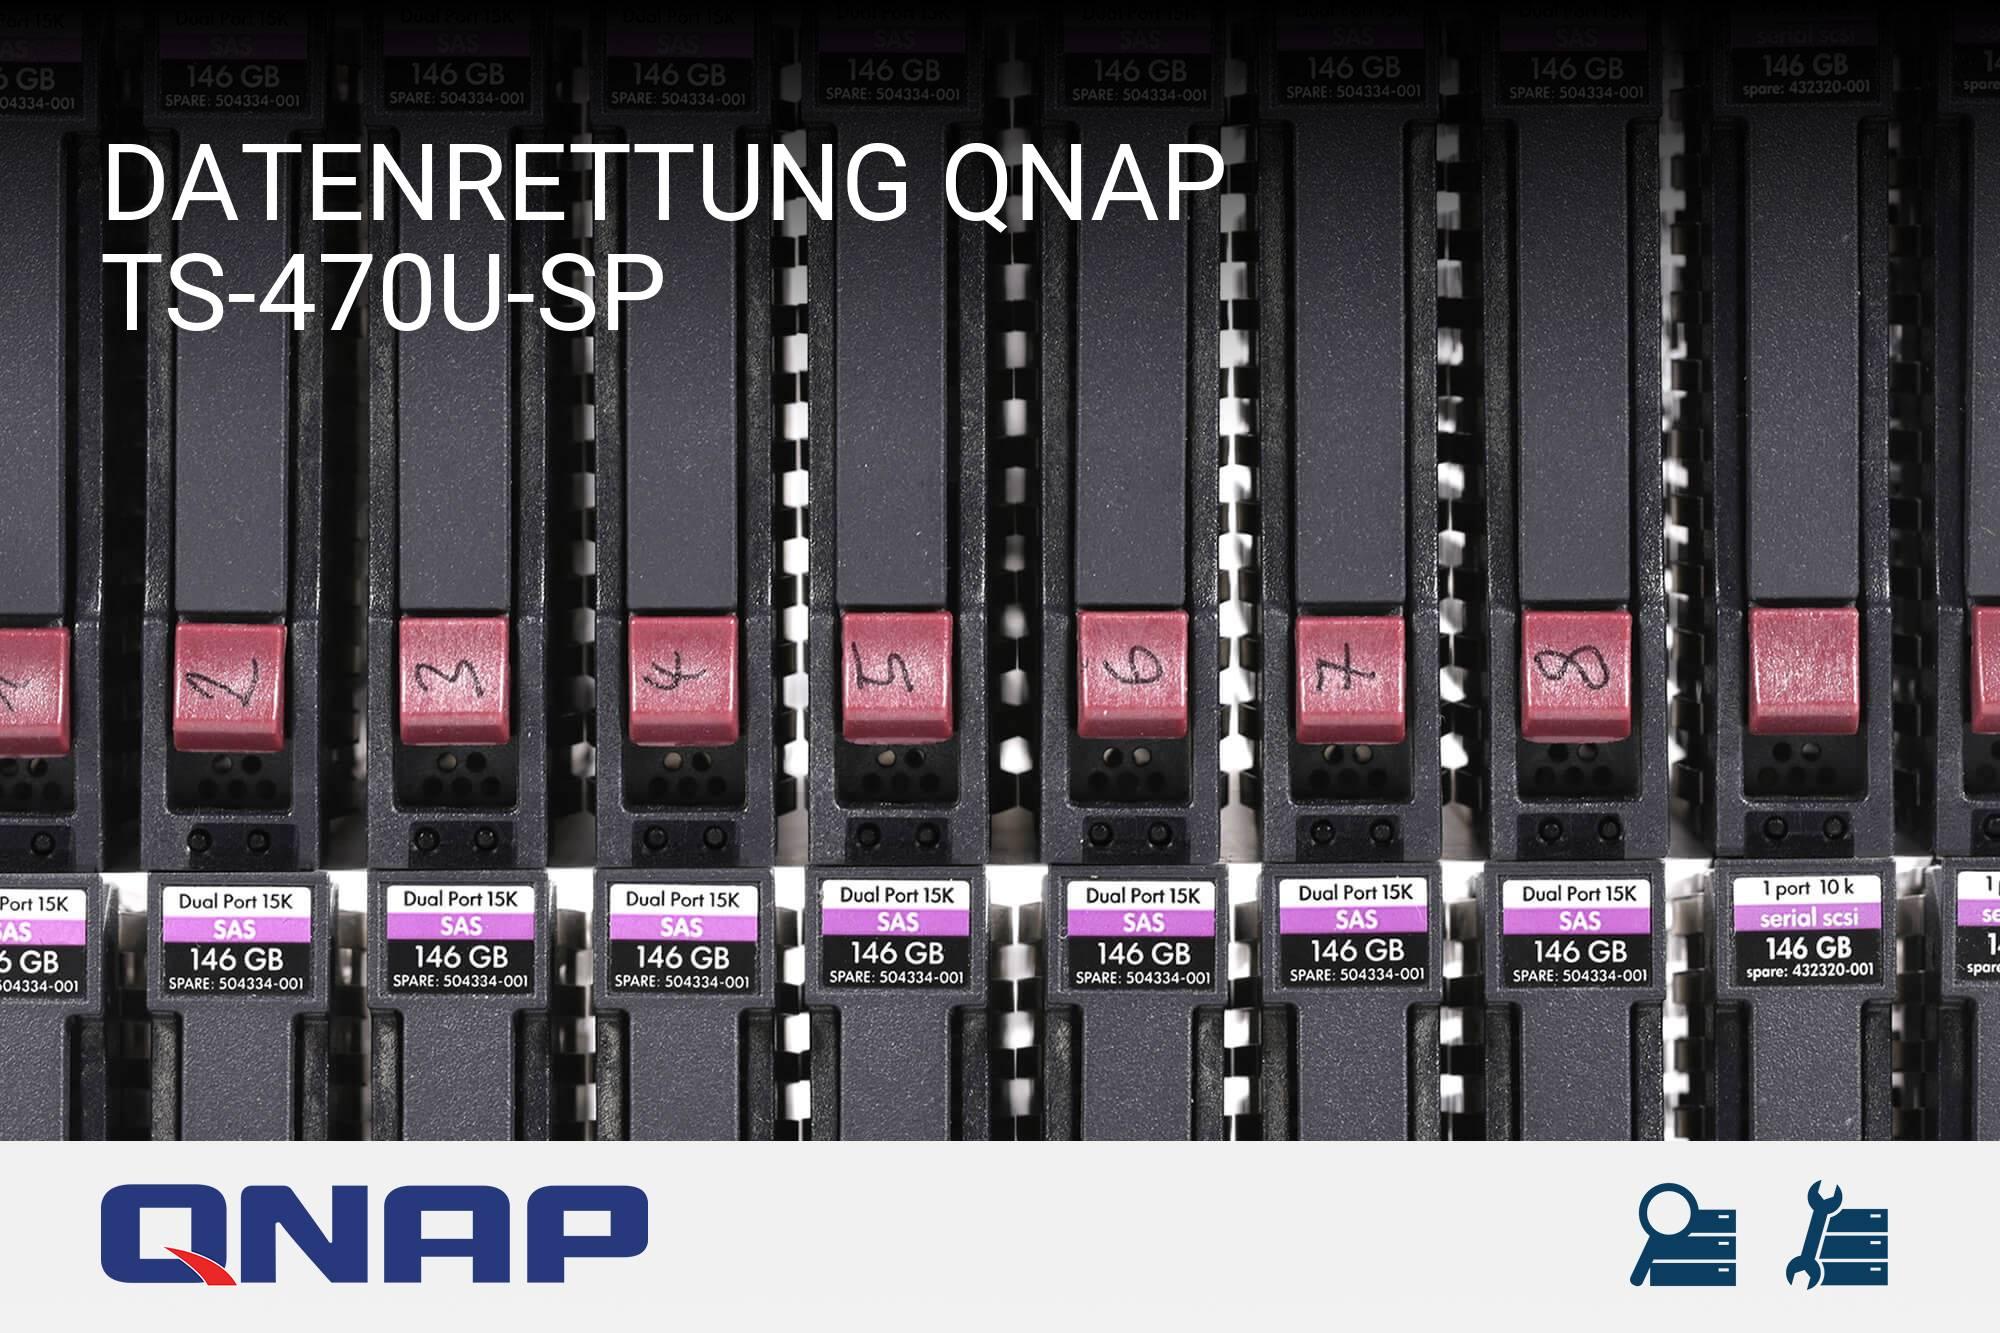 QNAP TS-470U-SP